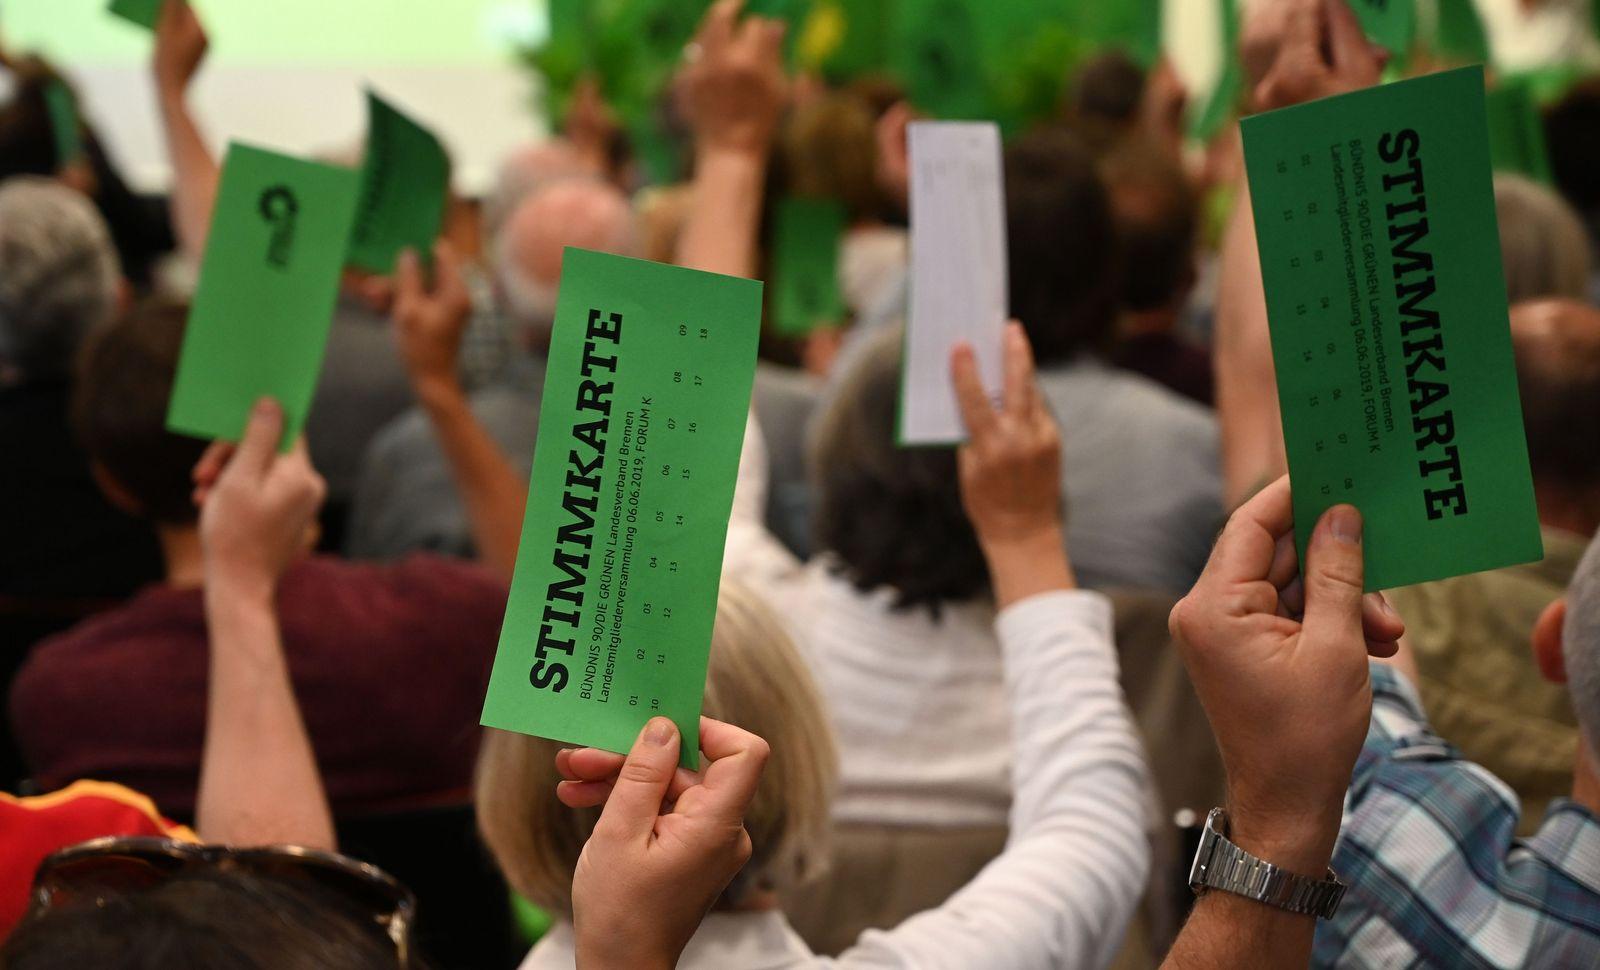 Landesmitgliederversammlung der Grünen